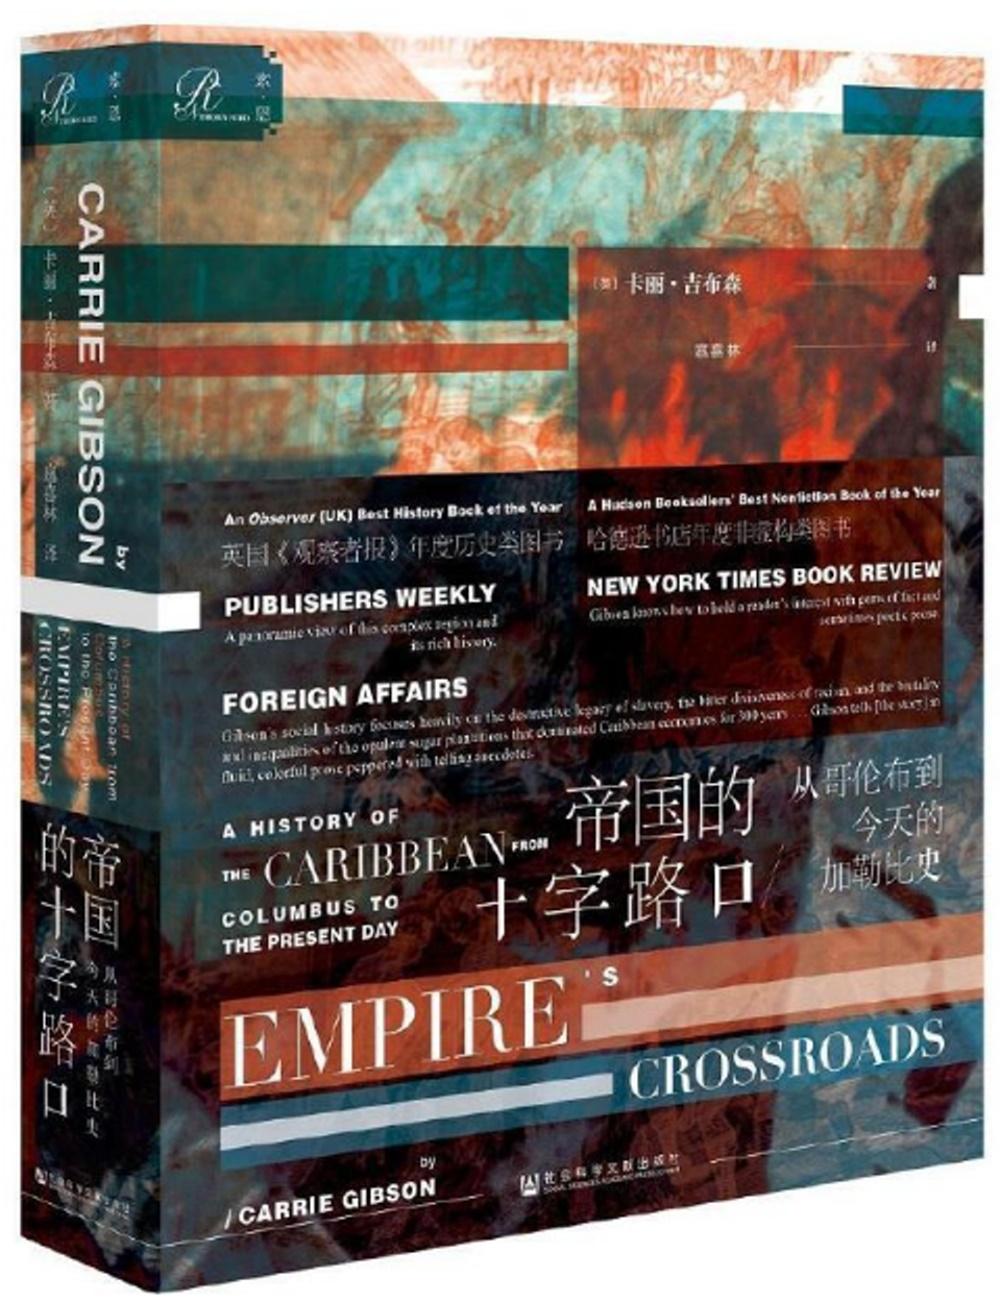 帝國的十字路口:從哥倫布到今天的加勒比史